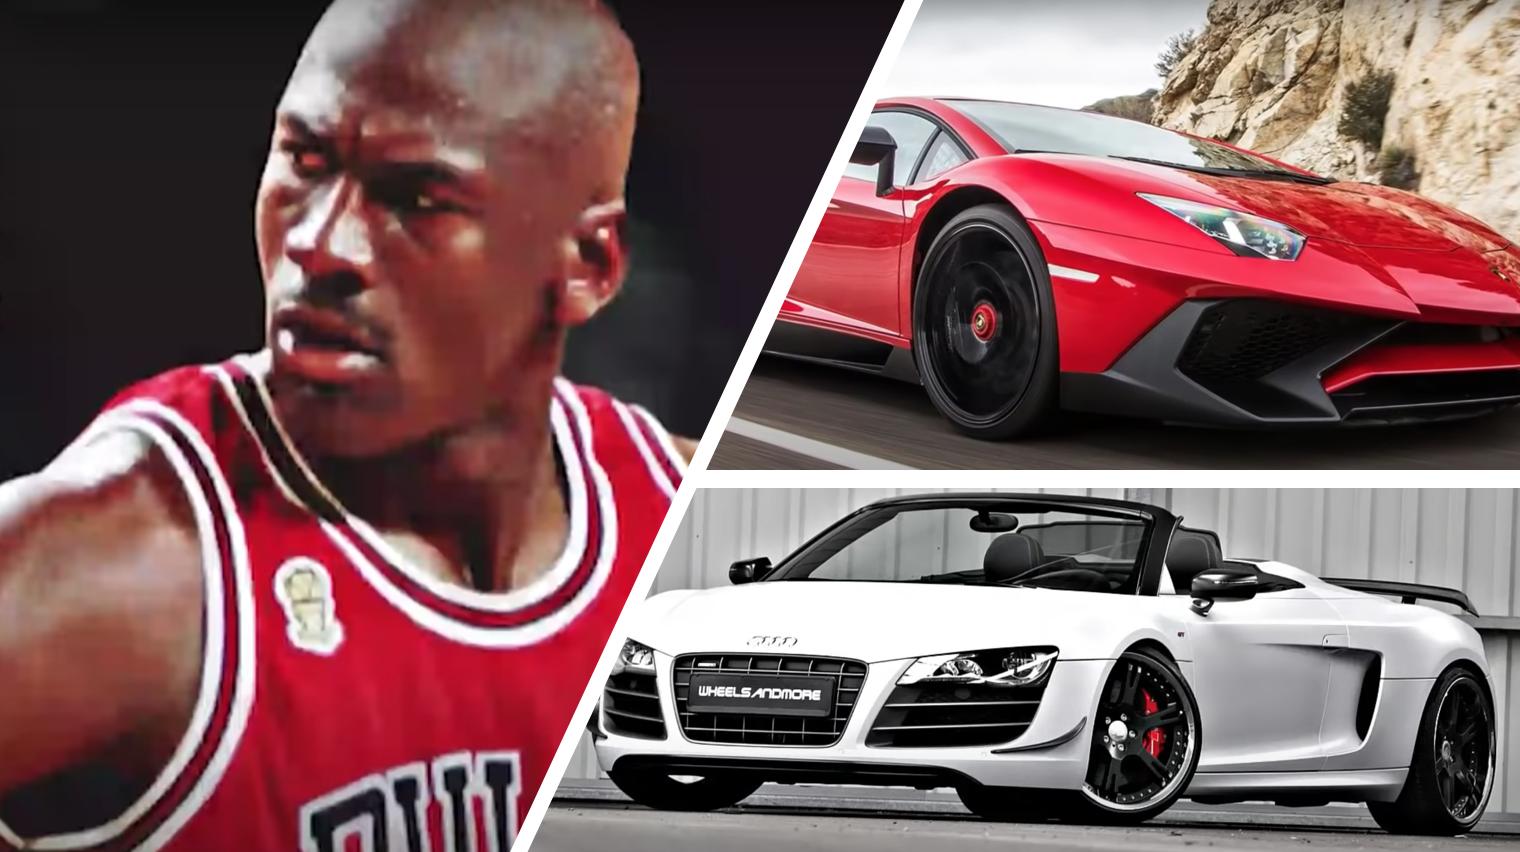 Esta es la increíble colección de autos de Michael Jordan